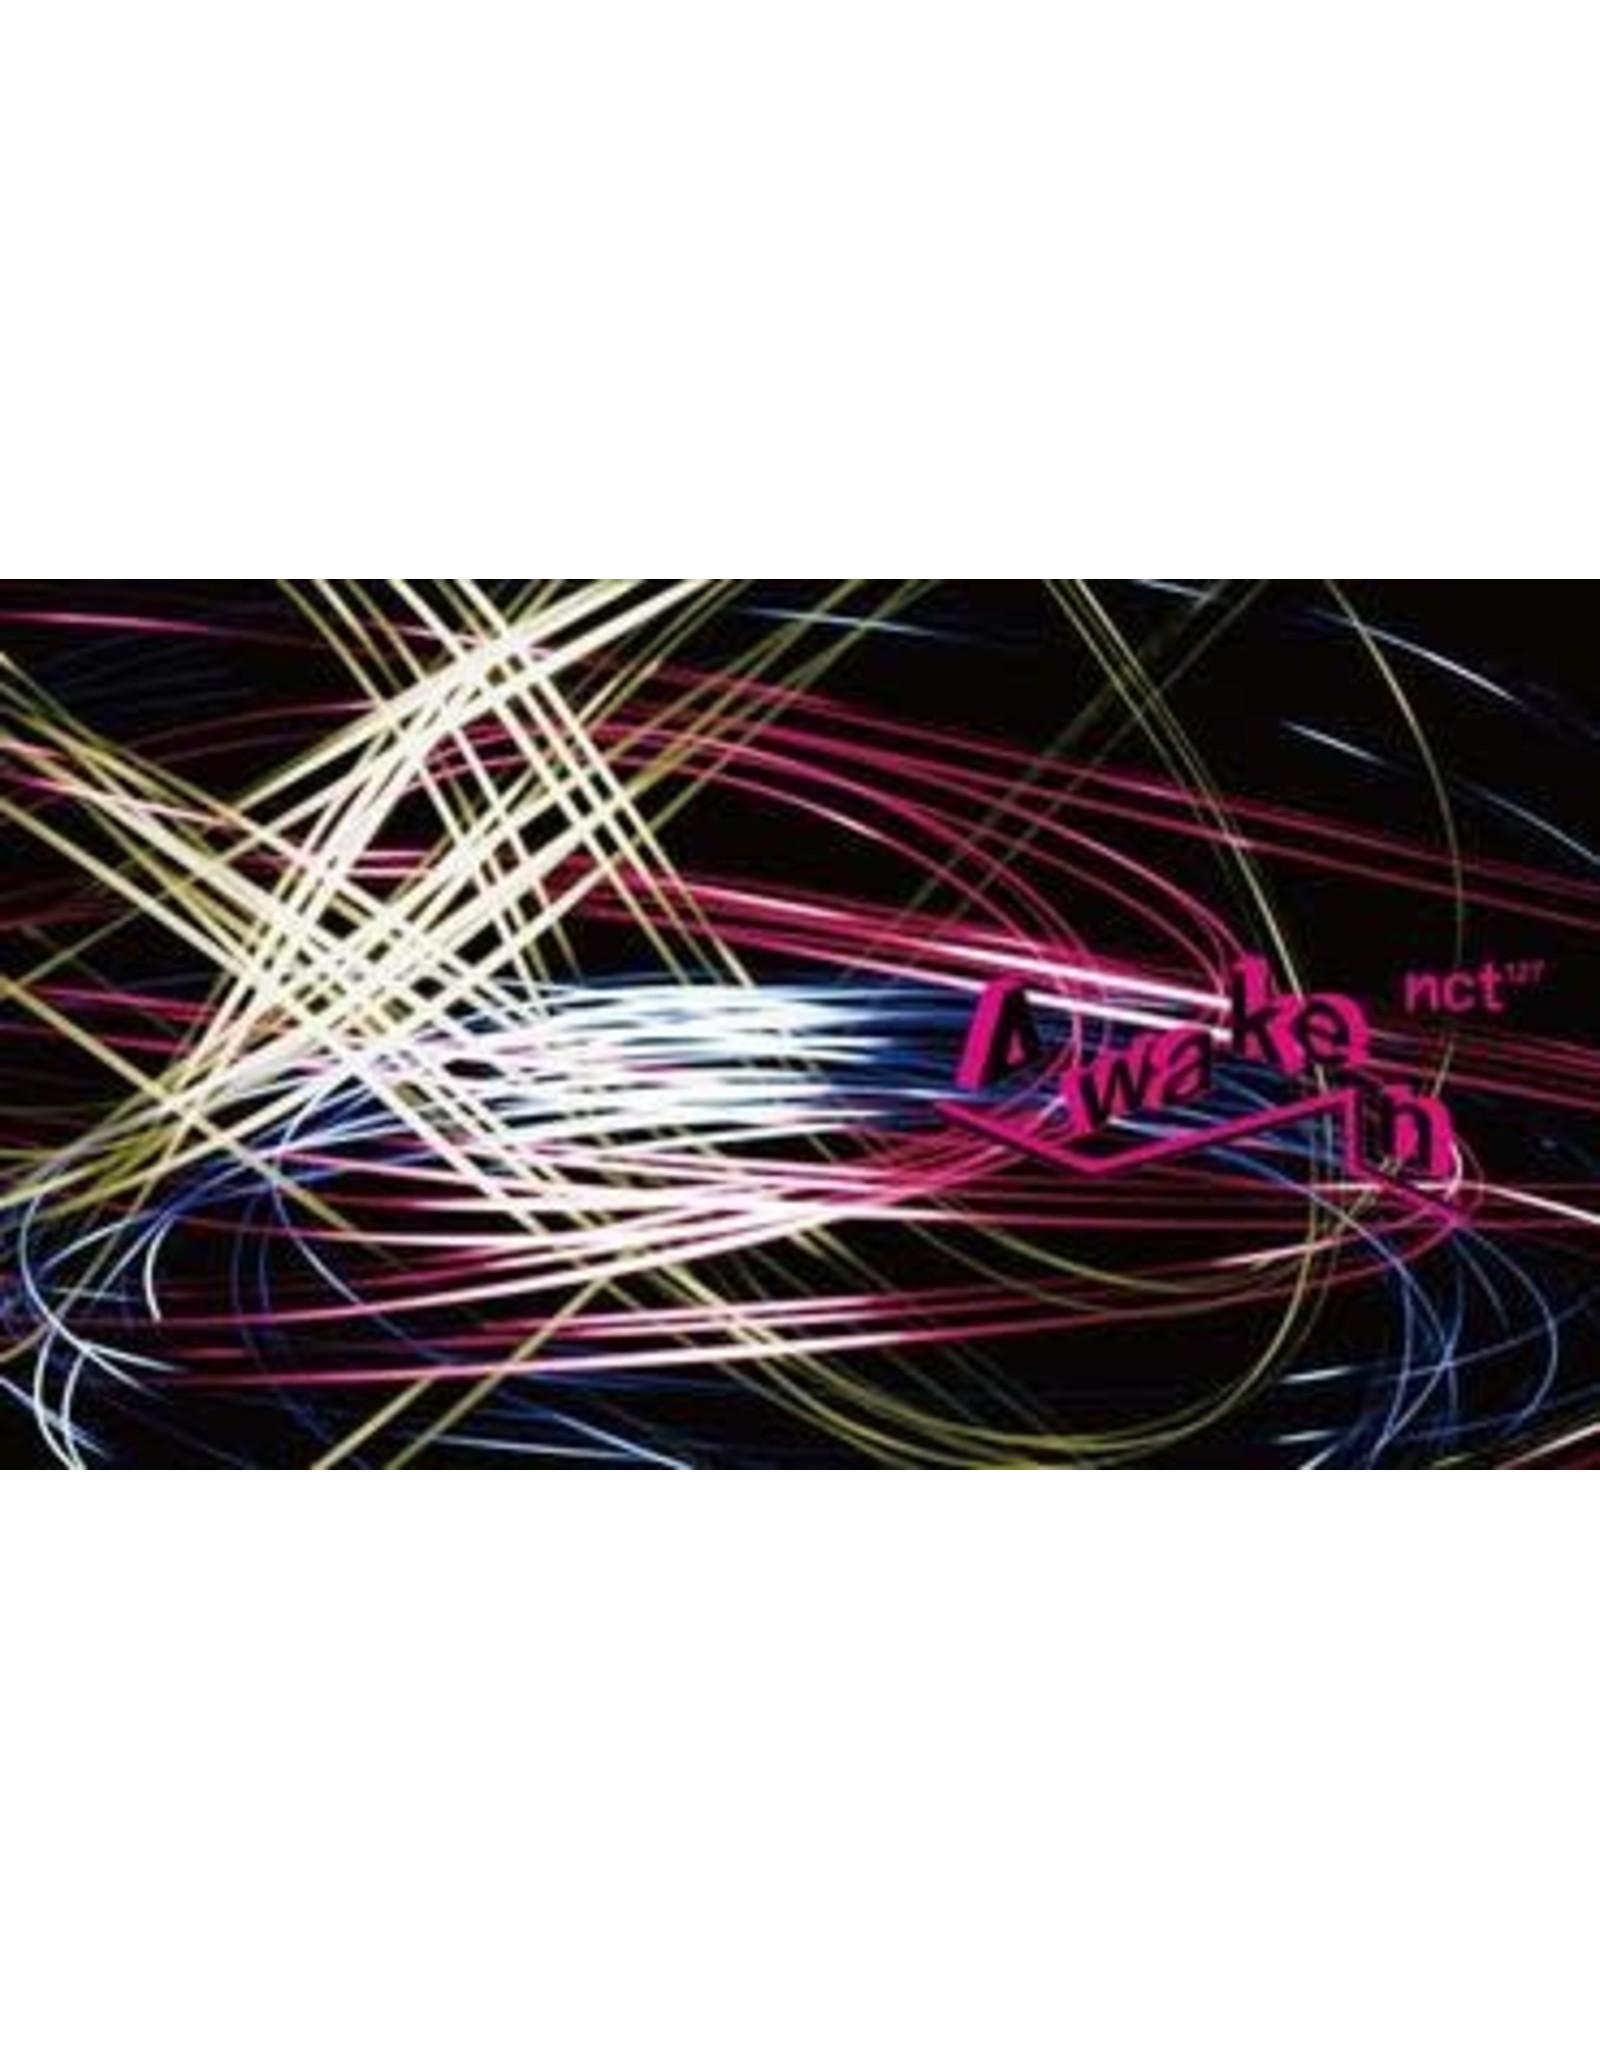 AVEX [CD]AWAKEN  [LIMITED/CD+DVD/DIGIPACK/SLEEVE CASE ]